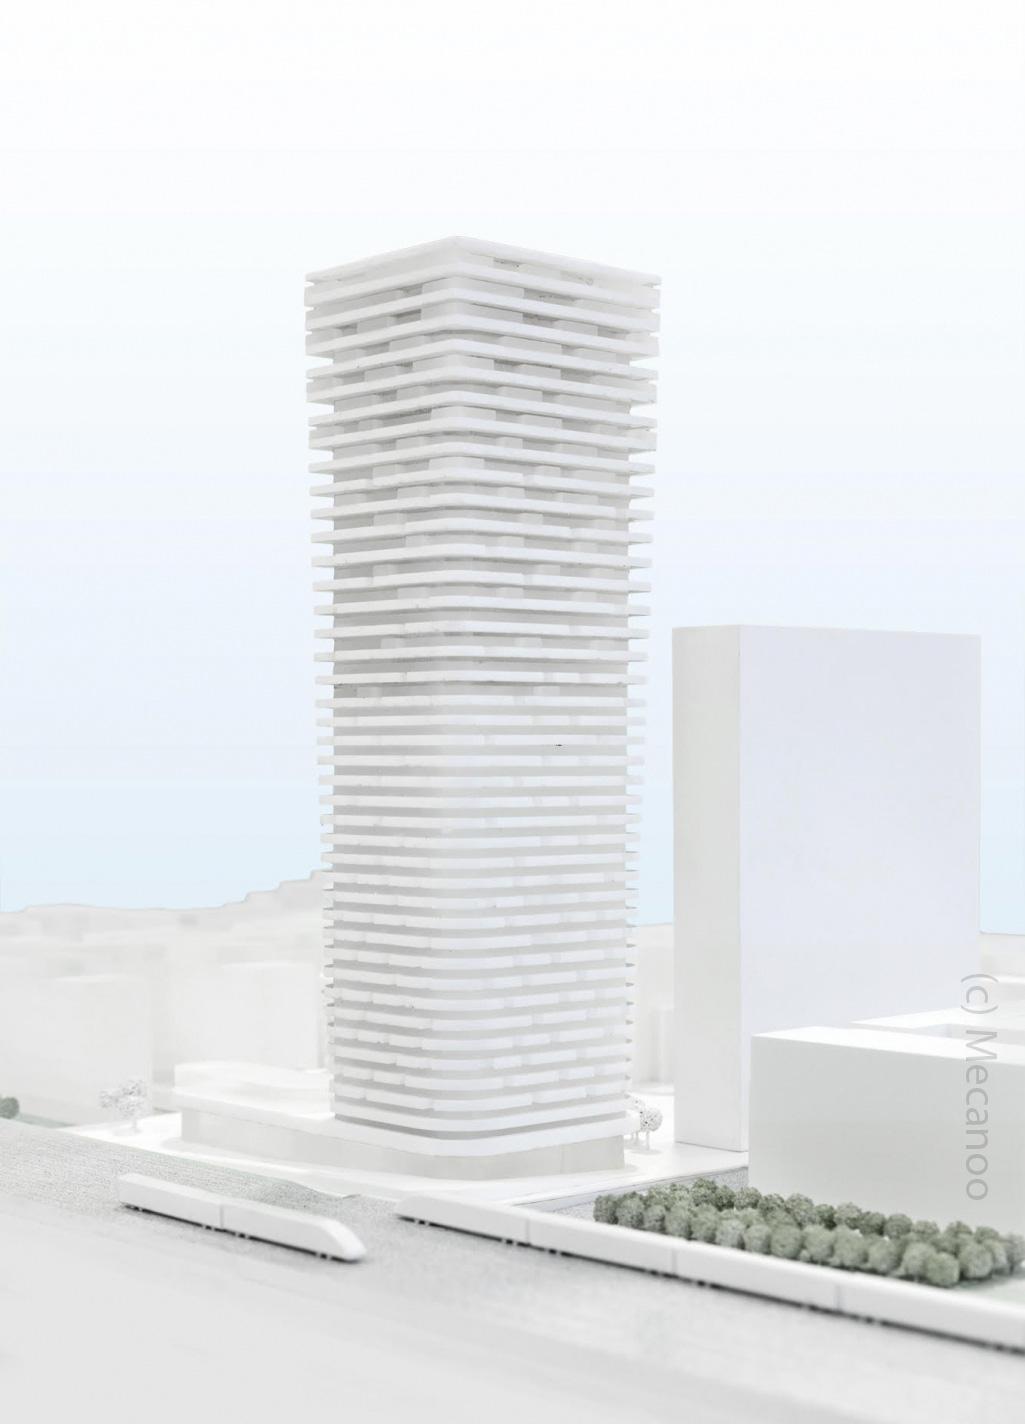 Grand Central Tower - Wohnhochhaus am Hauptbahnhof - Groß und Partner - Phoenix Real Estate